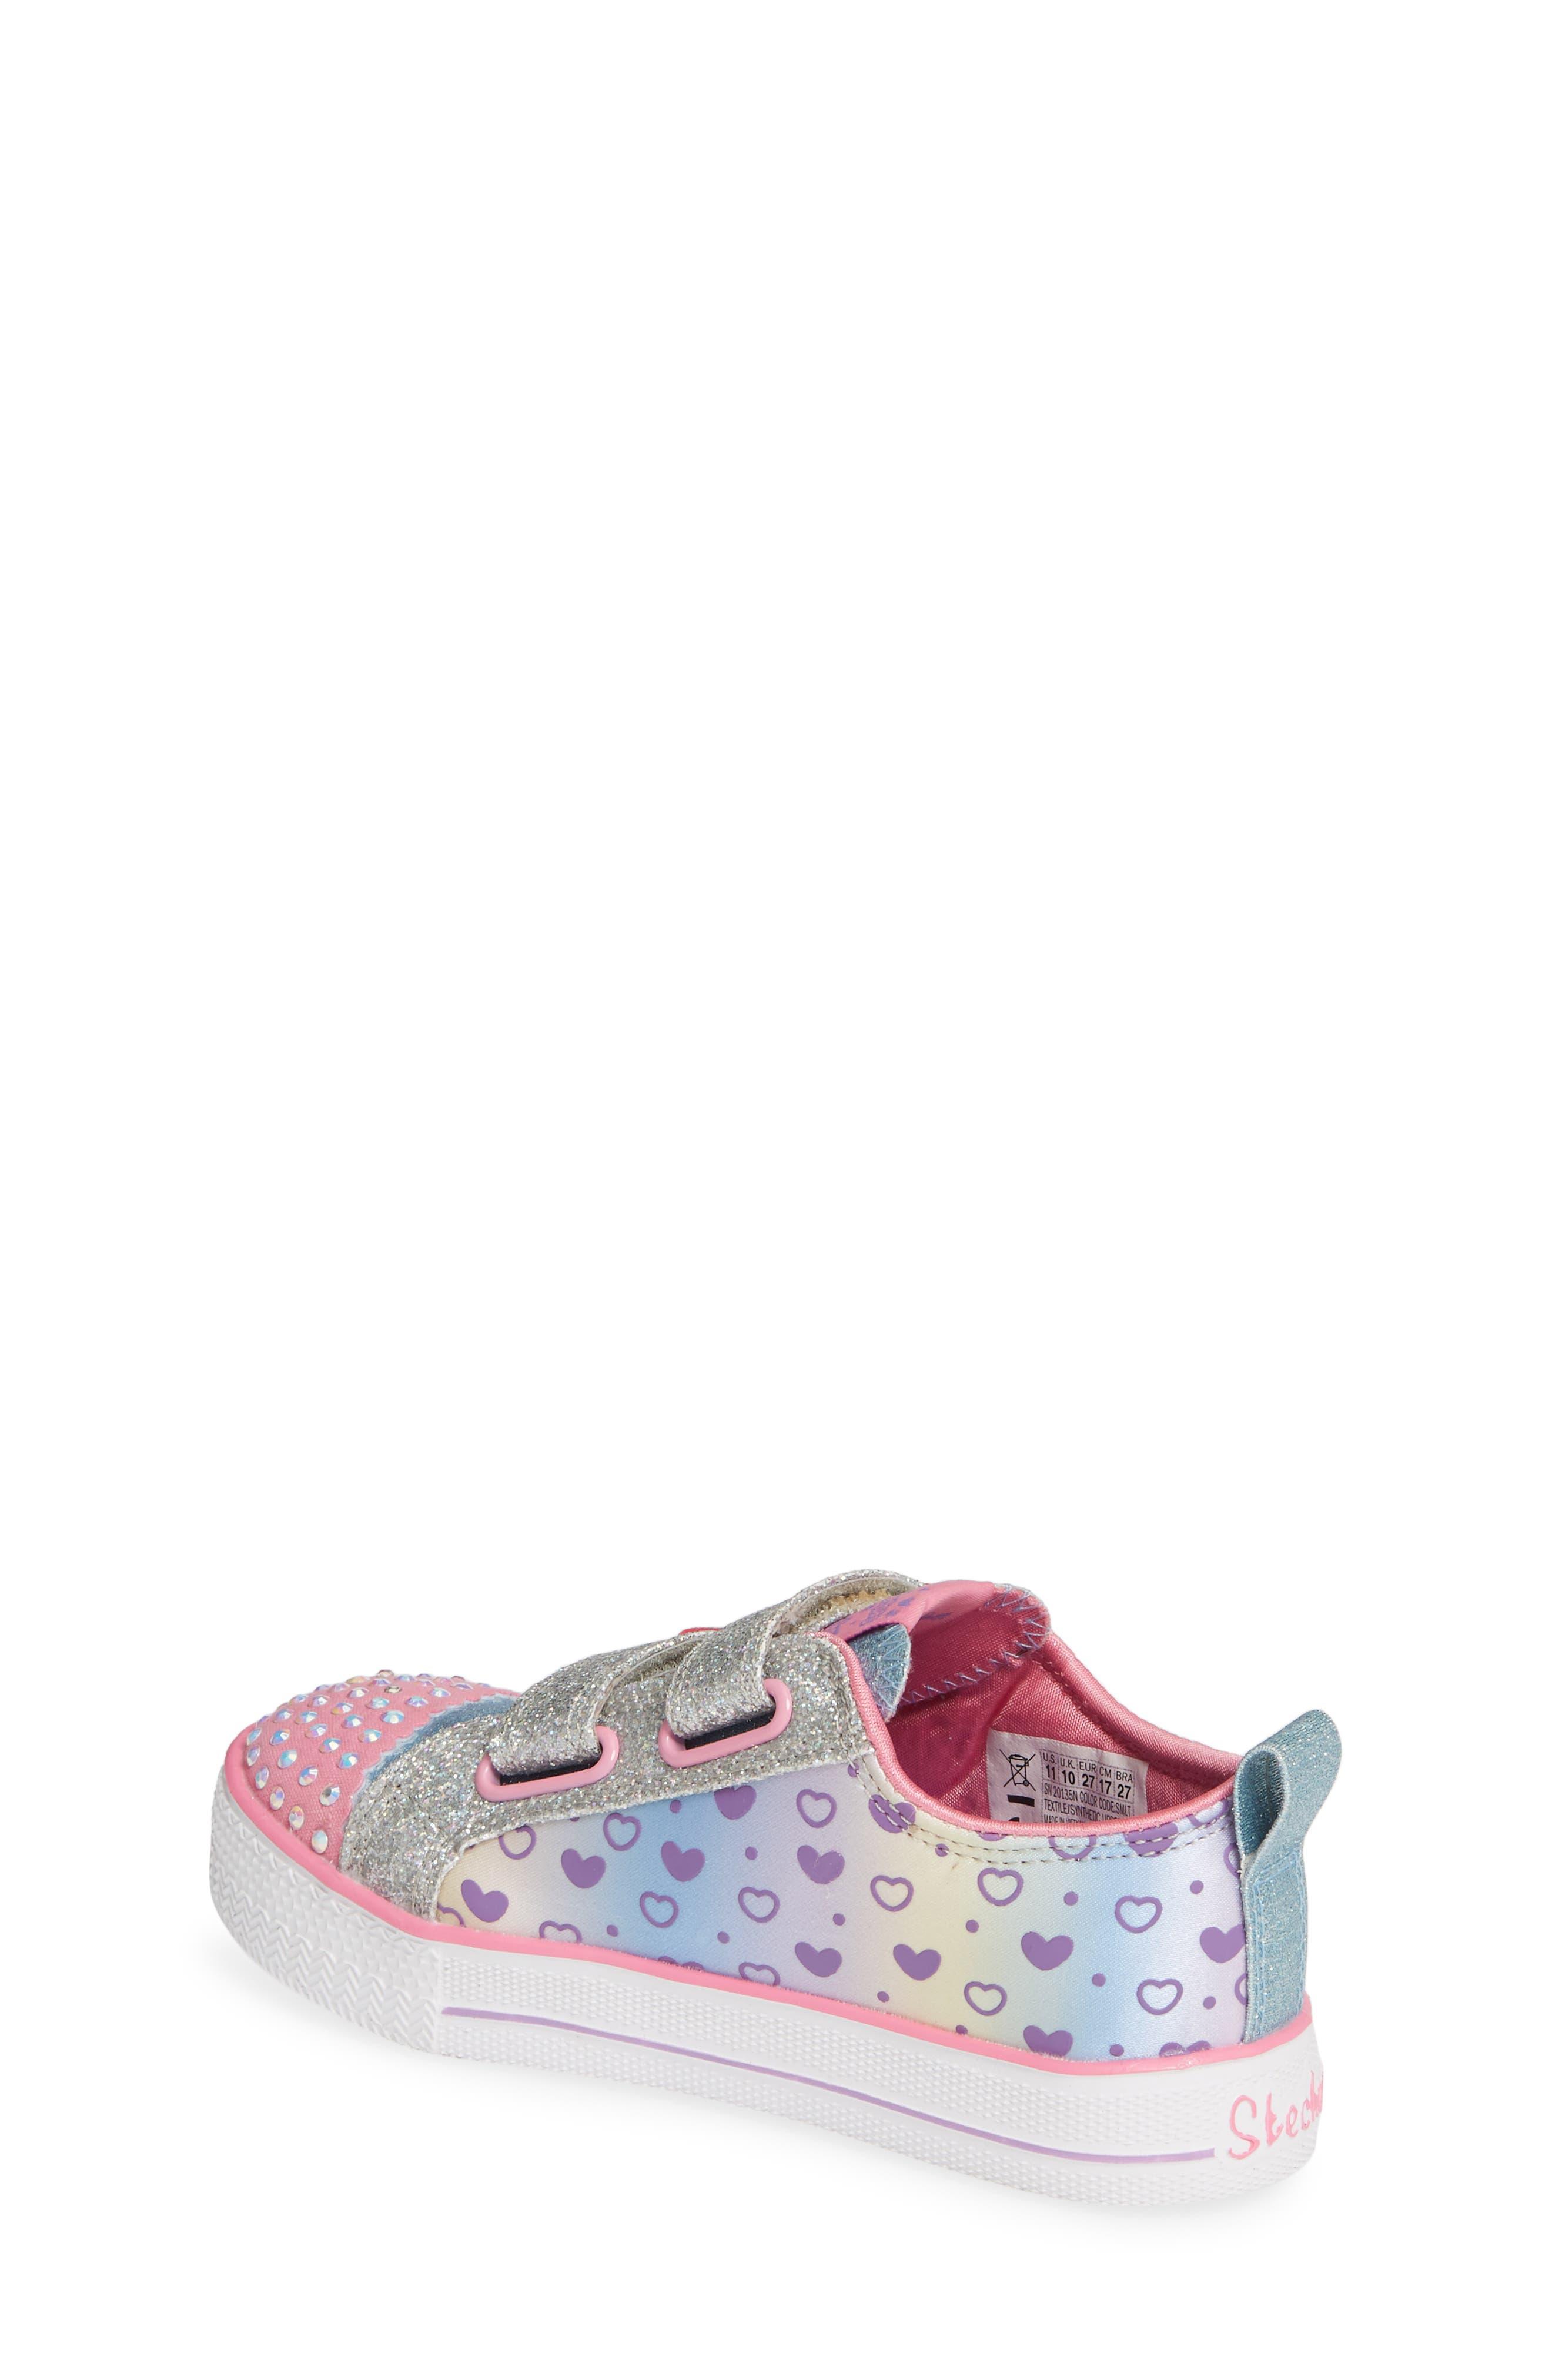 Shuffle Lite Glitter Sneaker,                             Alternate thumbnail 2, color,                             SILVER/ MULTI